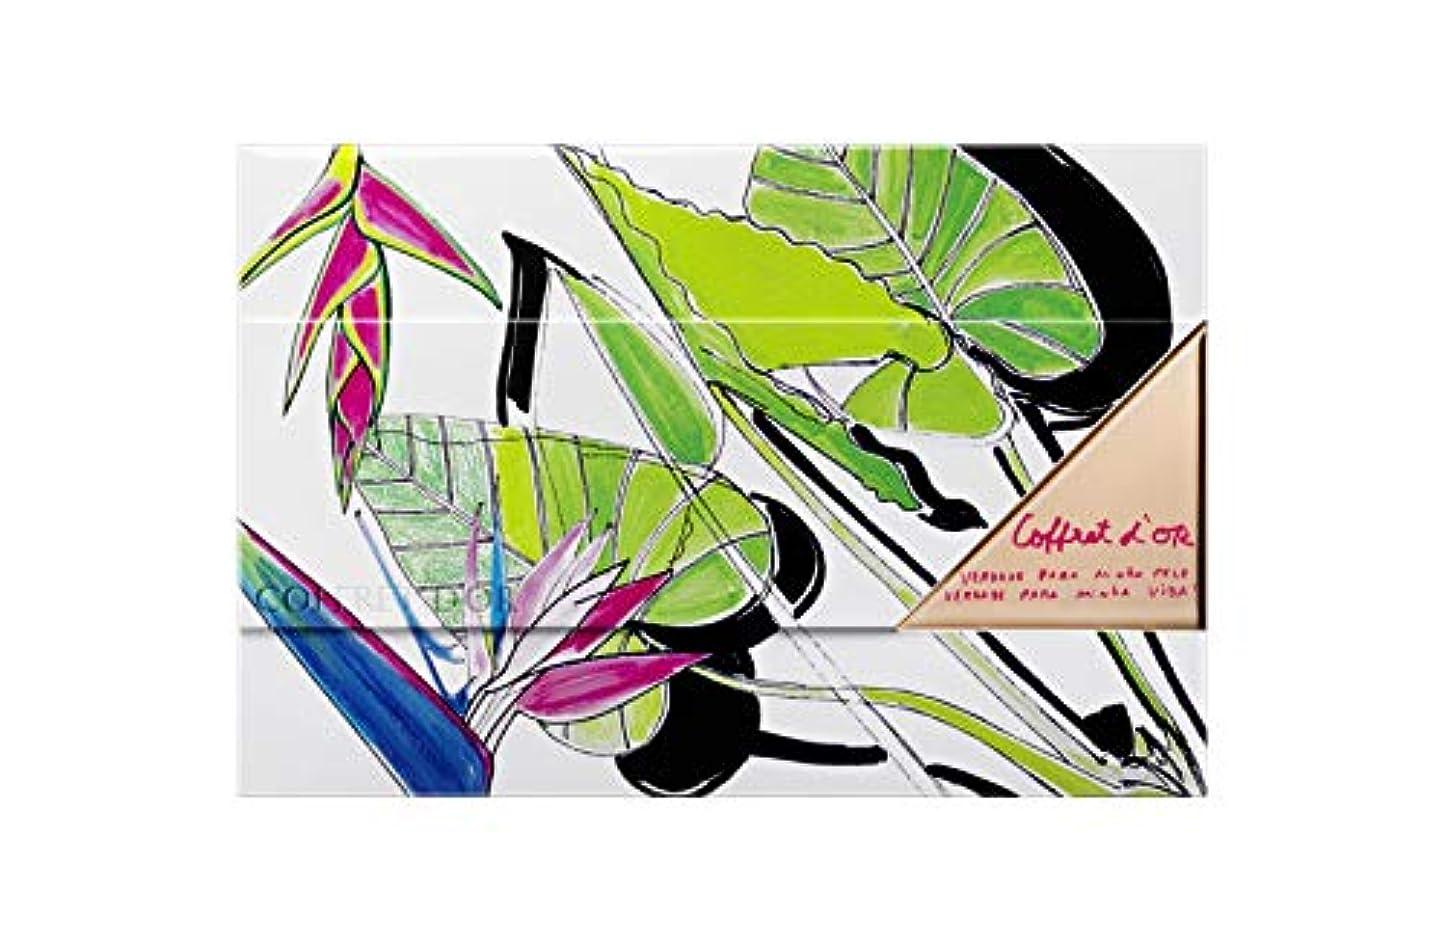 アイドル運賃恵みコフレドール ヌーディカバー ロングキープパクトUV リミテッドセットf オークル-C PLAYED DESIGN 【LIKE NATURE】 SPF20 ?PA++ ファンデーション(パクト)